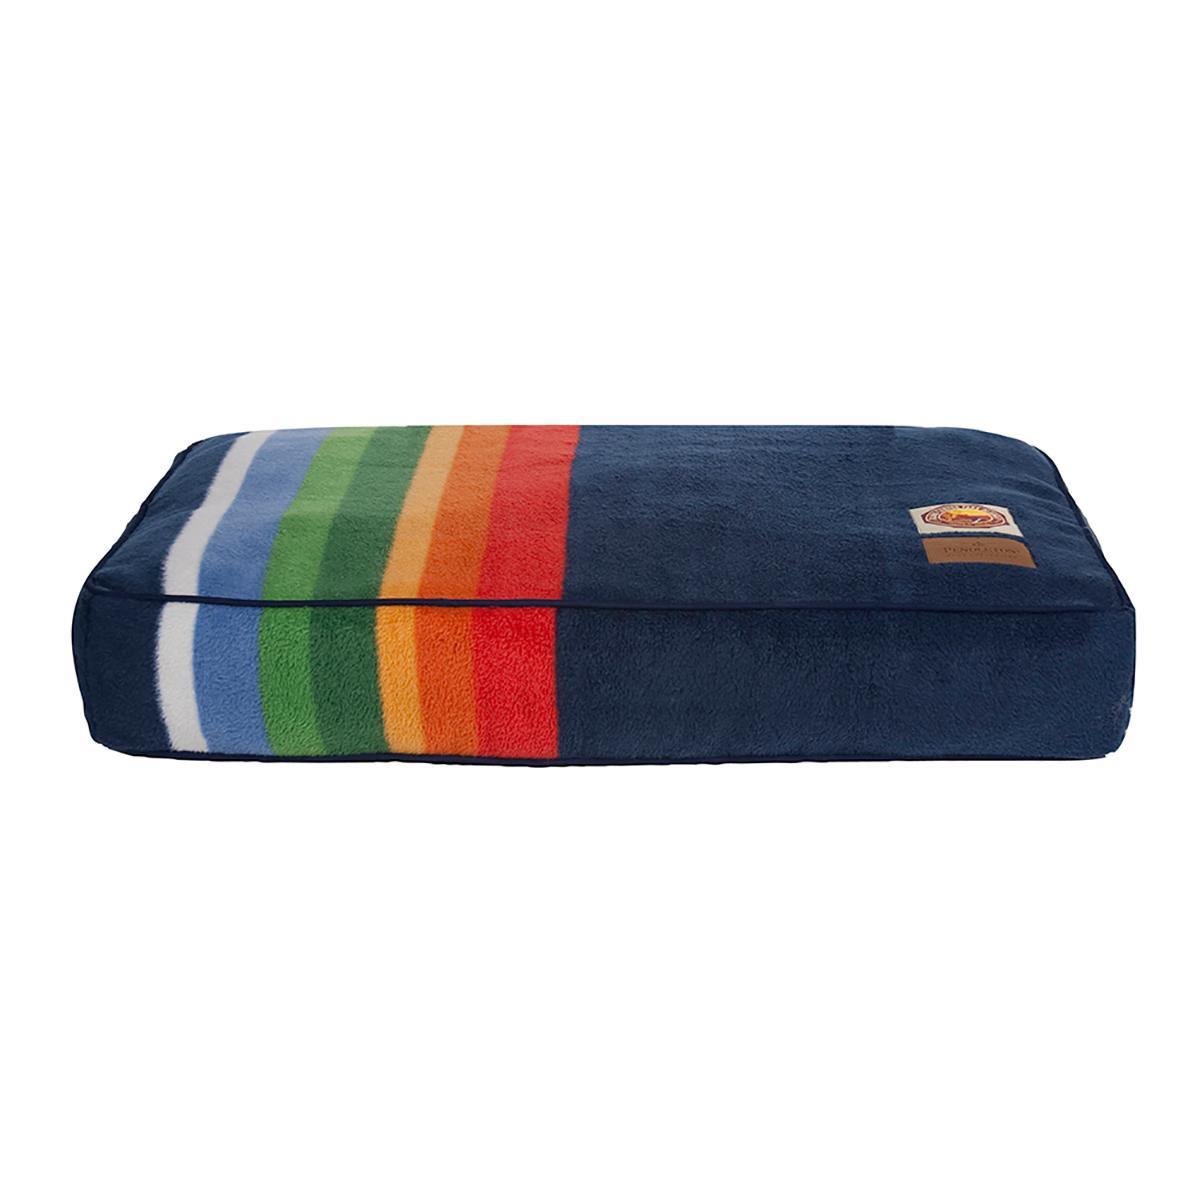 Pendleton Crater Lake National Park Dog Bed - Navy Blue